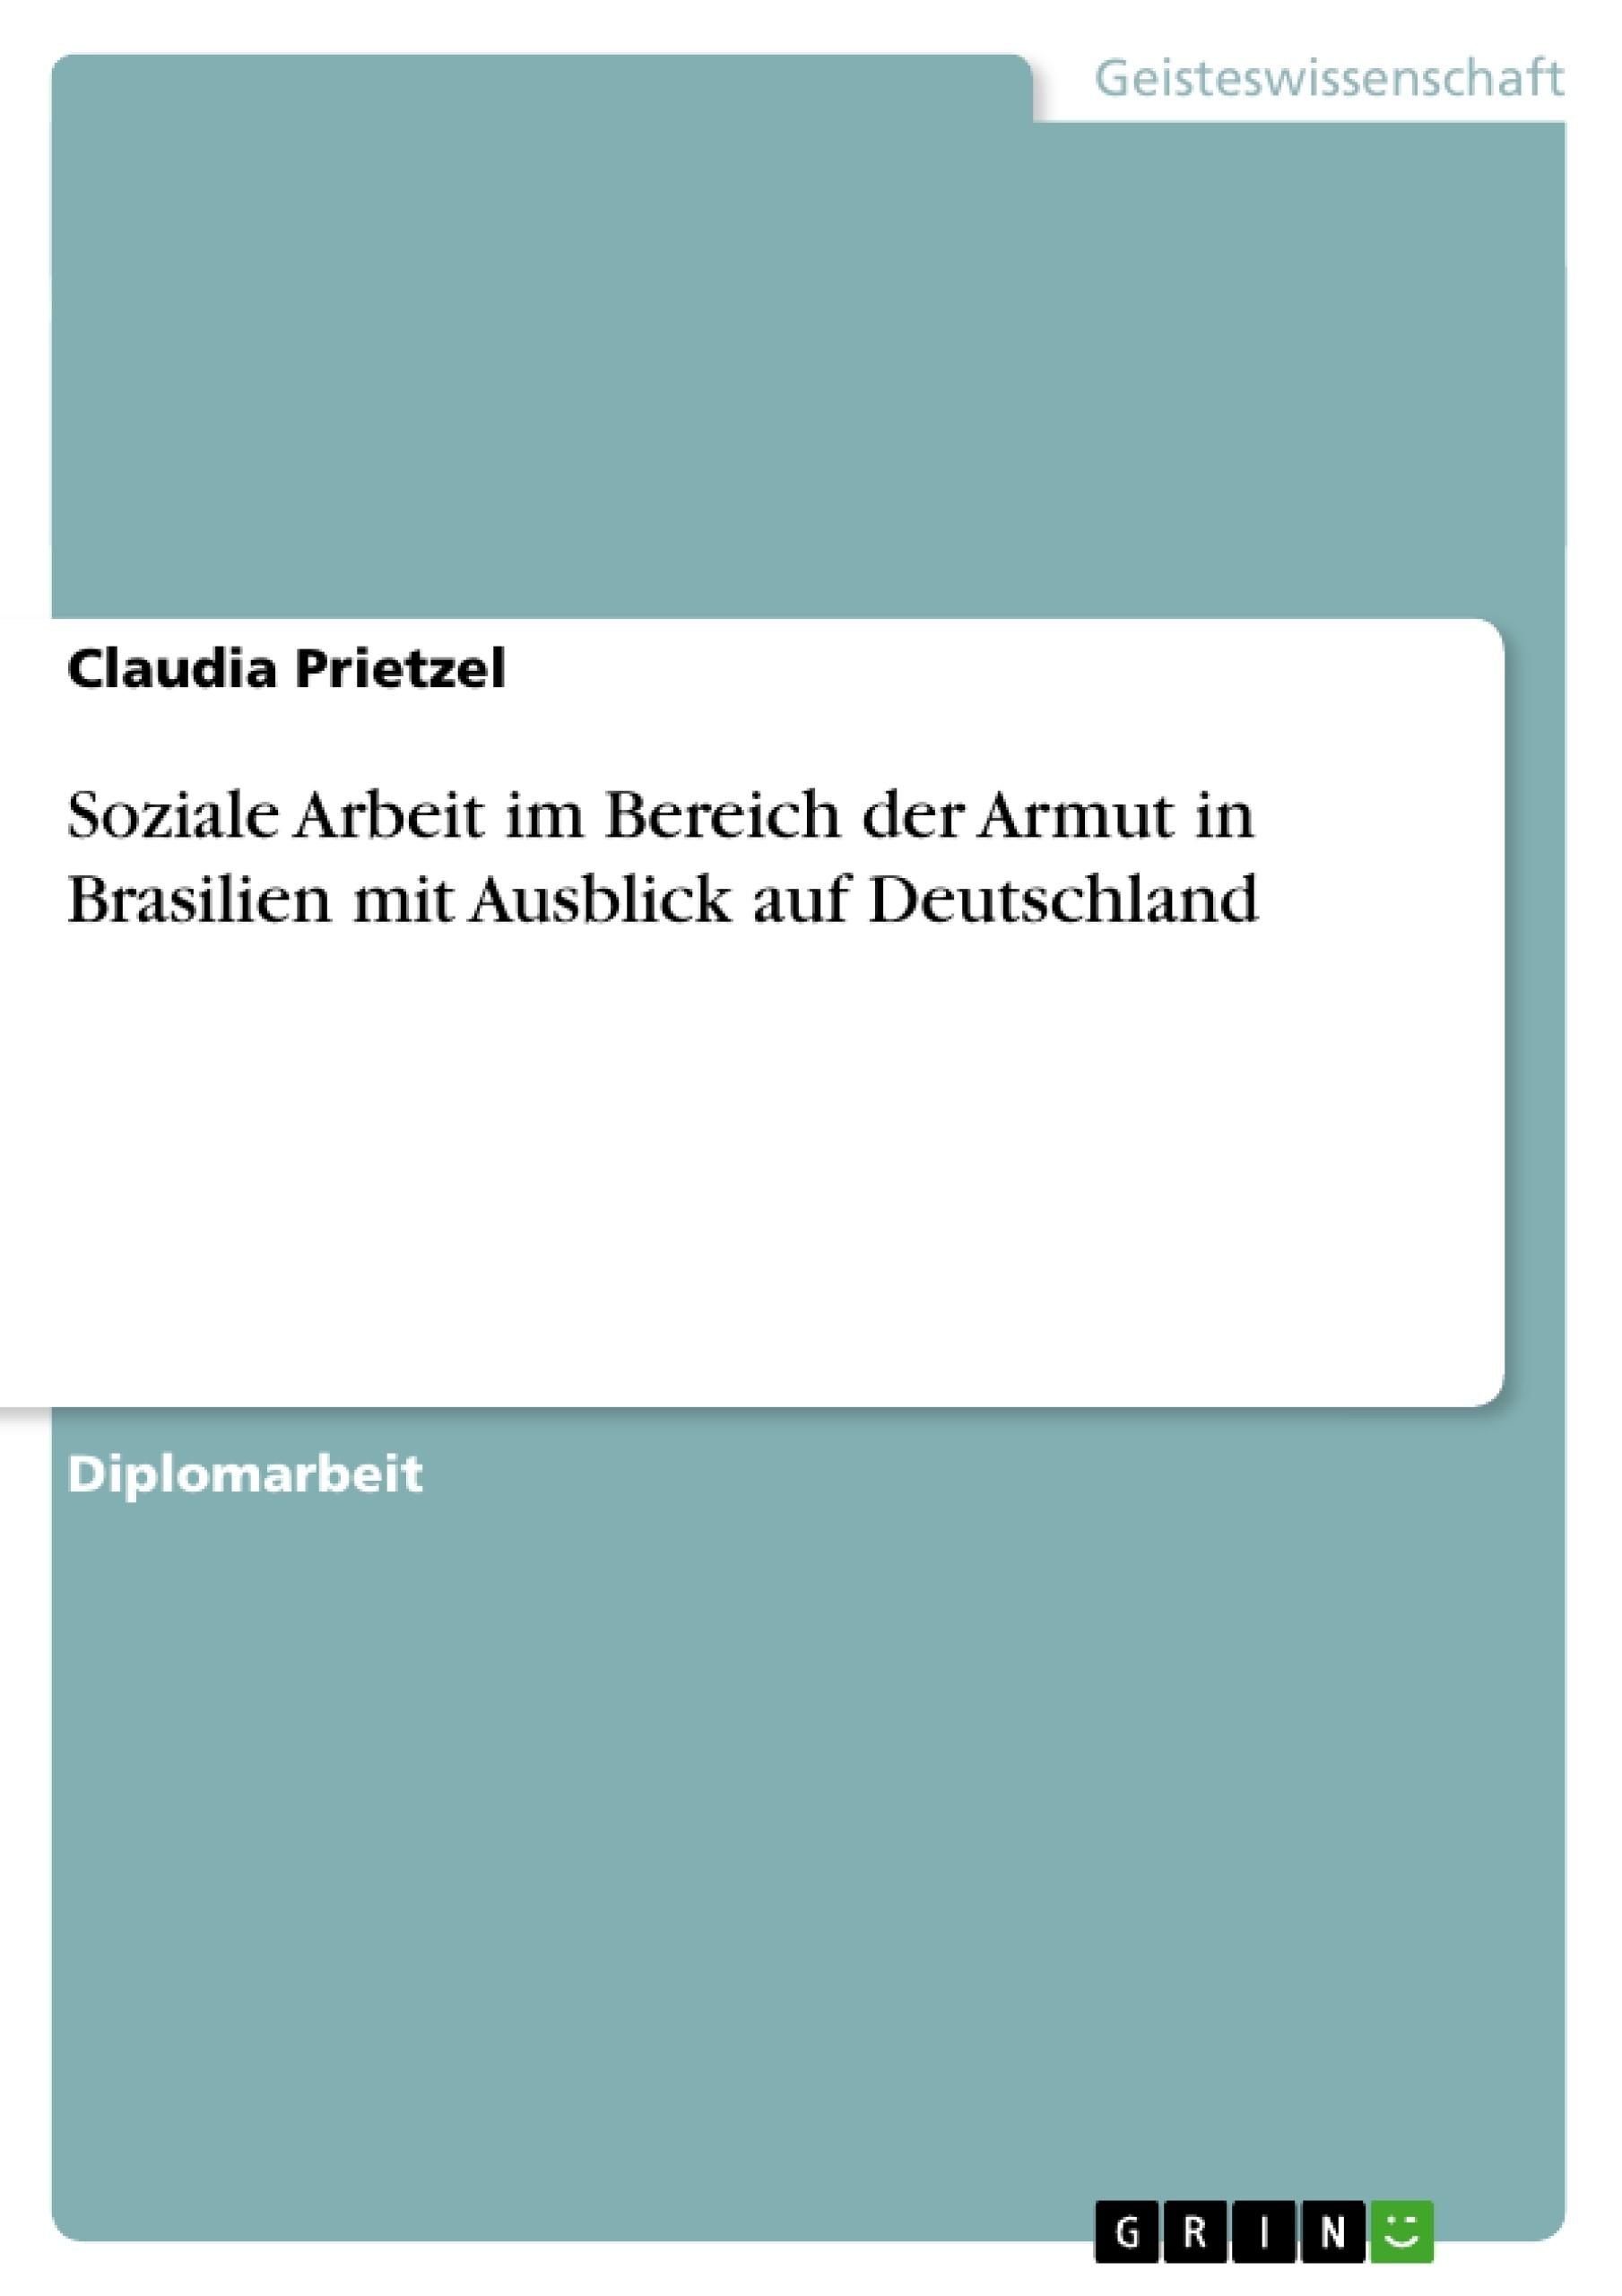 Titel: Soziale Arbeit im Bereich der Armut in Brasilien mit Ausblick auf Deutschland